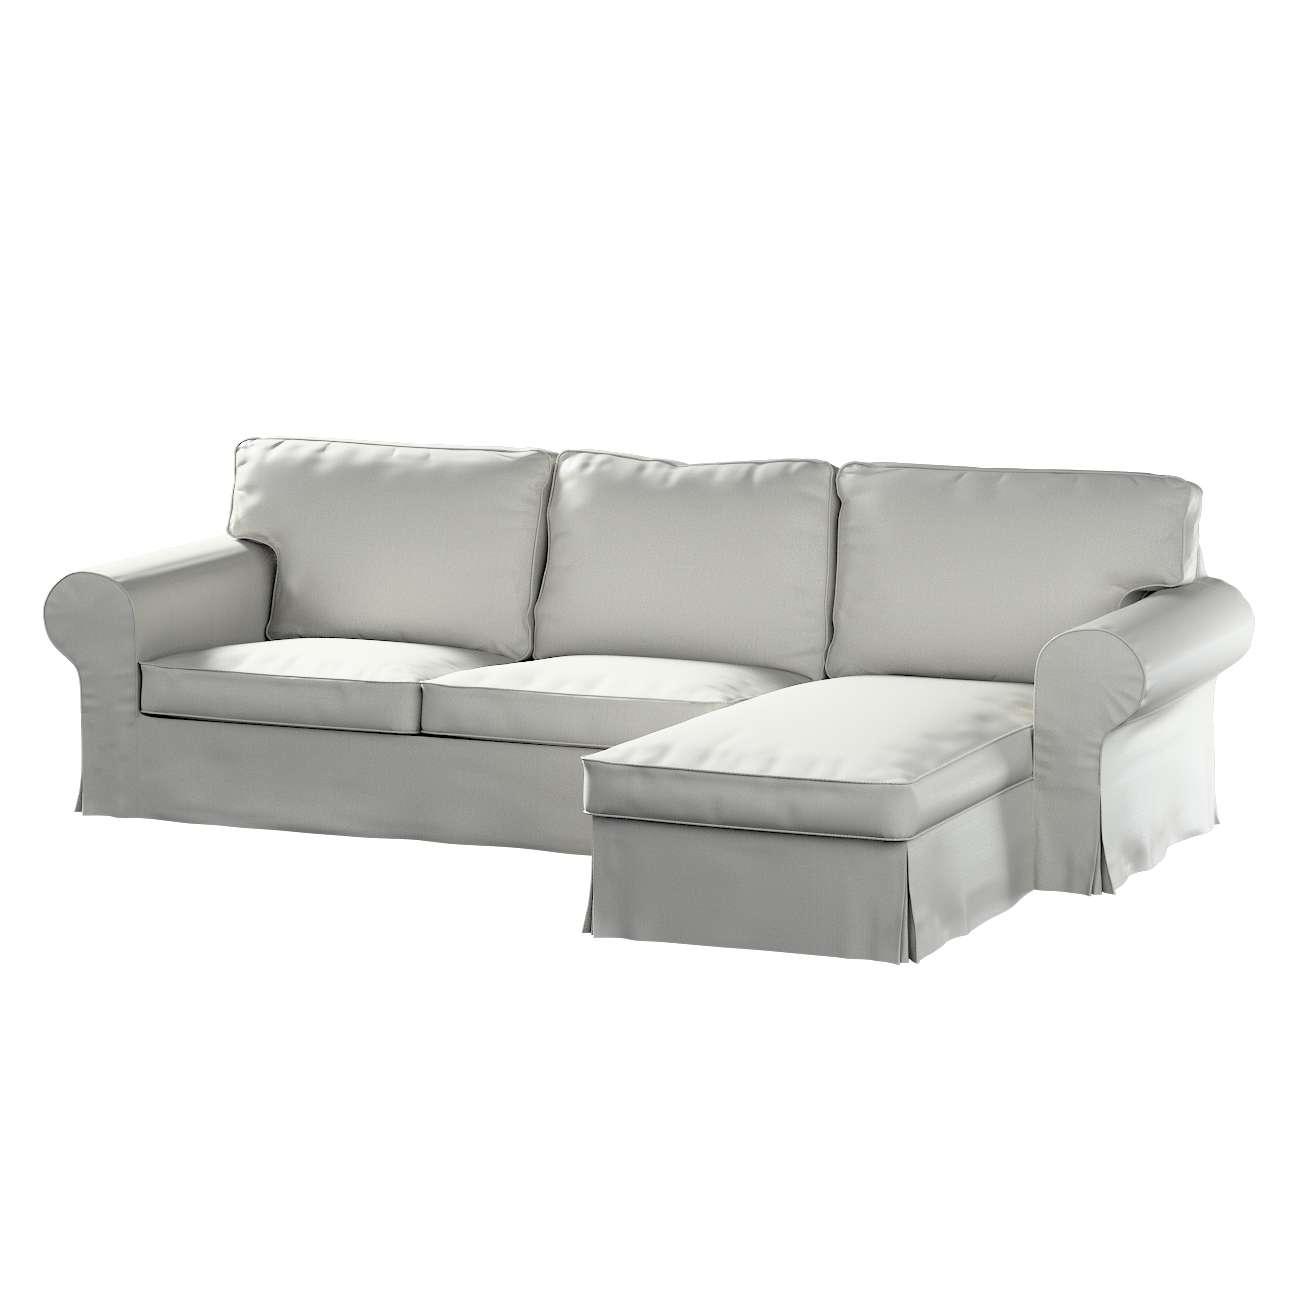 Pokrowiec na sofę Ektorp 2-osobową i leżankę w kolekcji Bergen, tkanina: 161-84